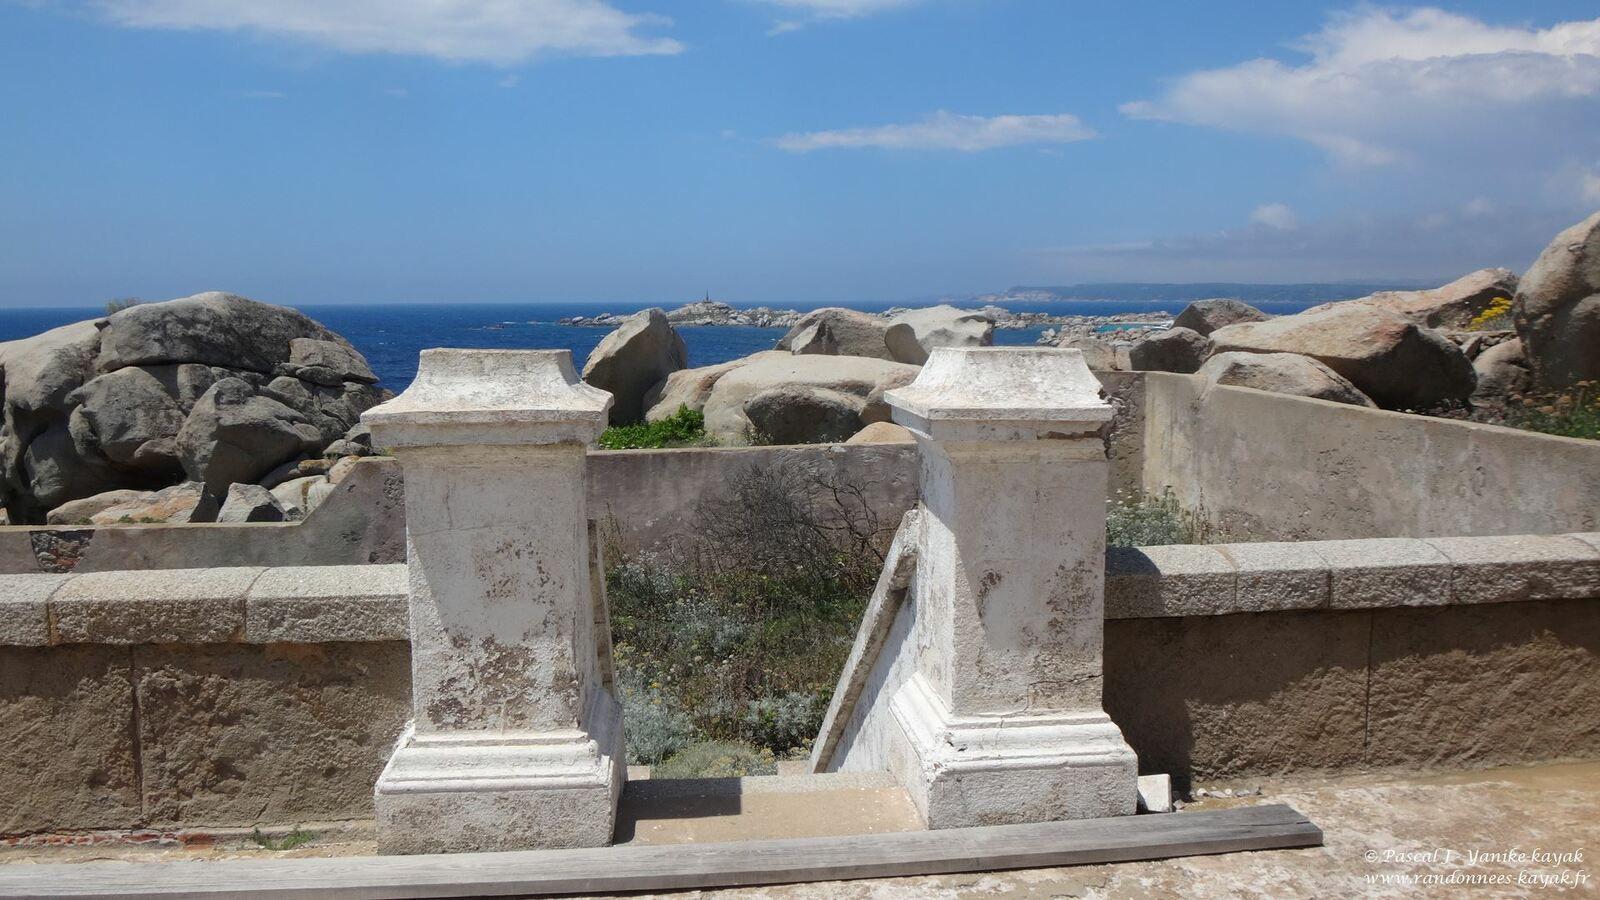 Corsica 2021, la beauté, essentielle, de la nature - Chapitre 12 : Cap au sud, les îles Lavezzi, un archipel aux airs d'Eden